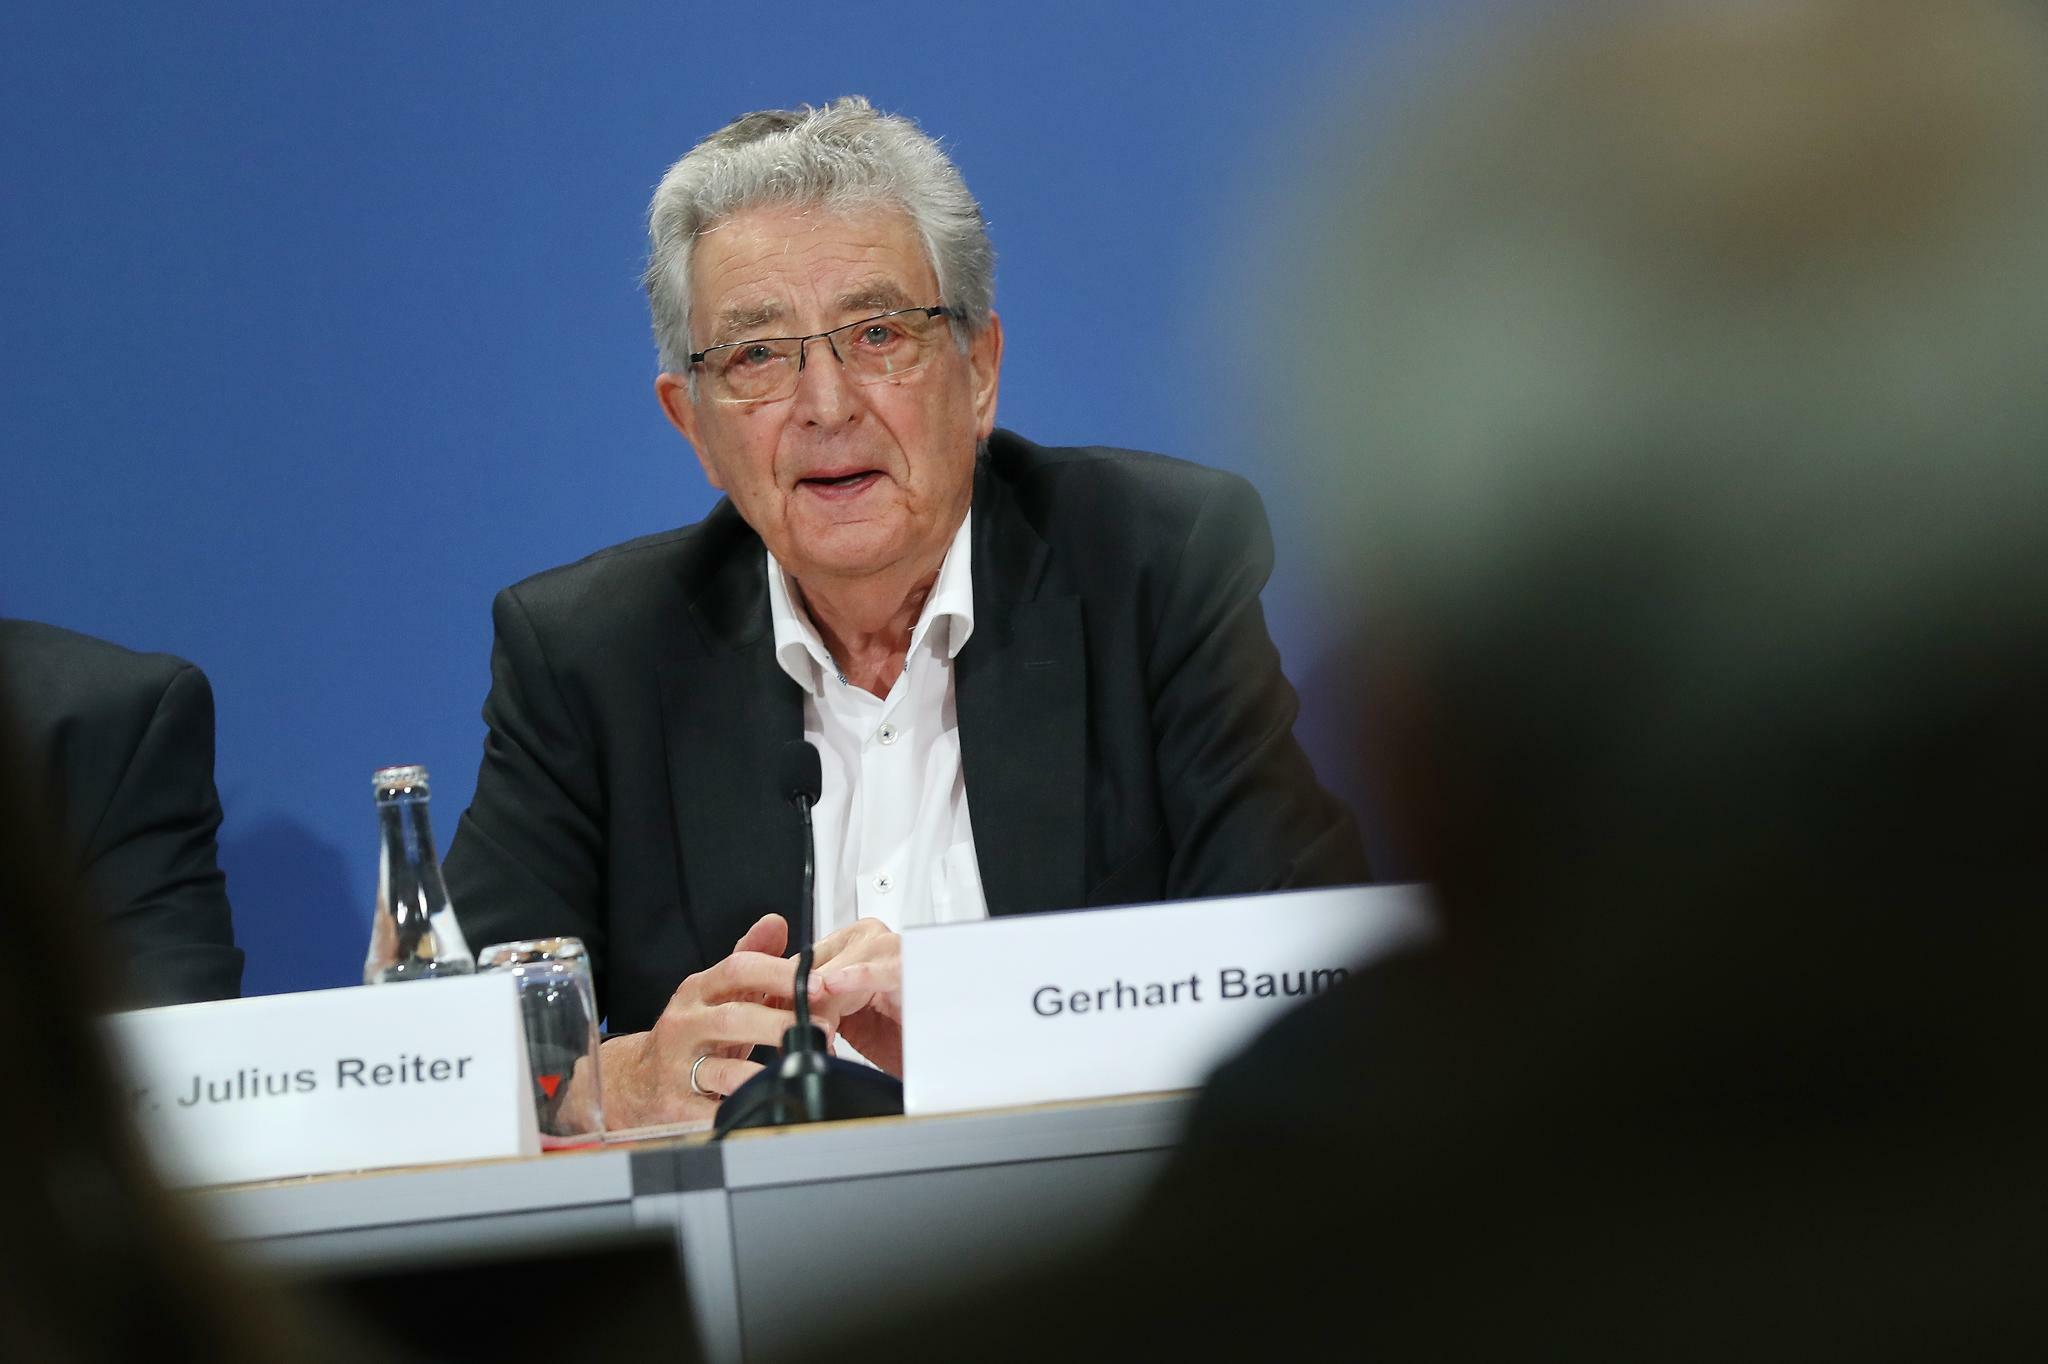 Gerhart Baum: Rechtsextremismus ist heute gefährlicher denn je